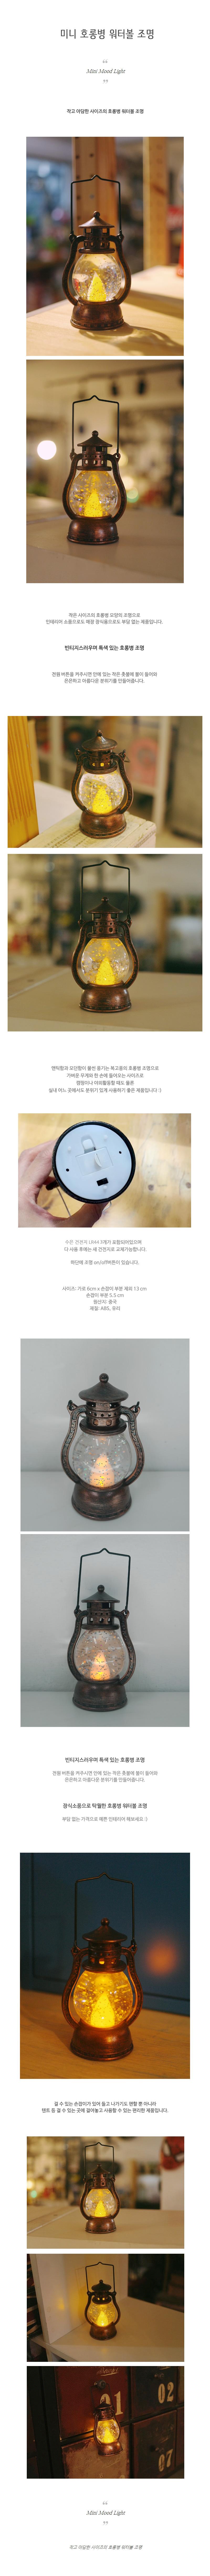 미니 호롱병 워터볼 조명 - 진바스, 6,000원, 리빙조명, 테이블조명